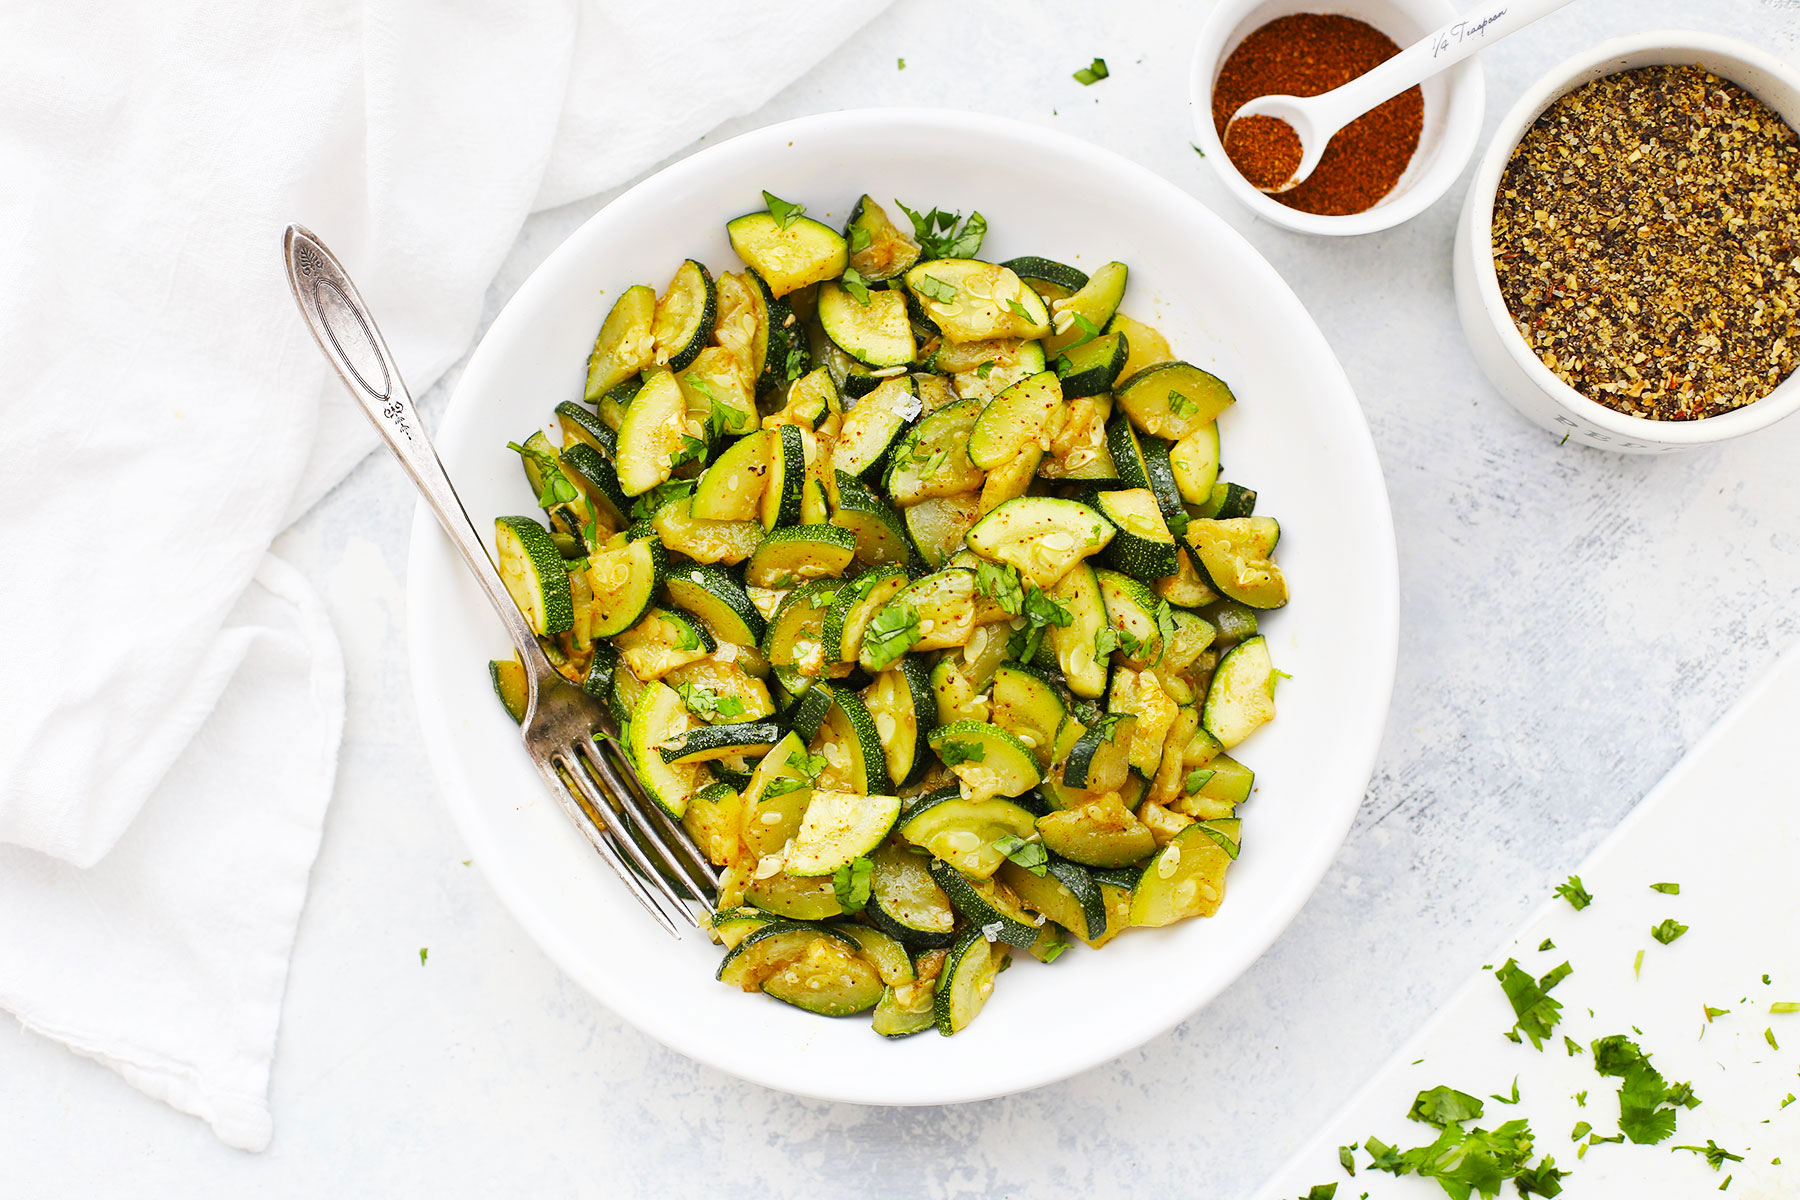 Chili Roasted Zucchini Paleo Vegan Whole30 One Lovely Life